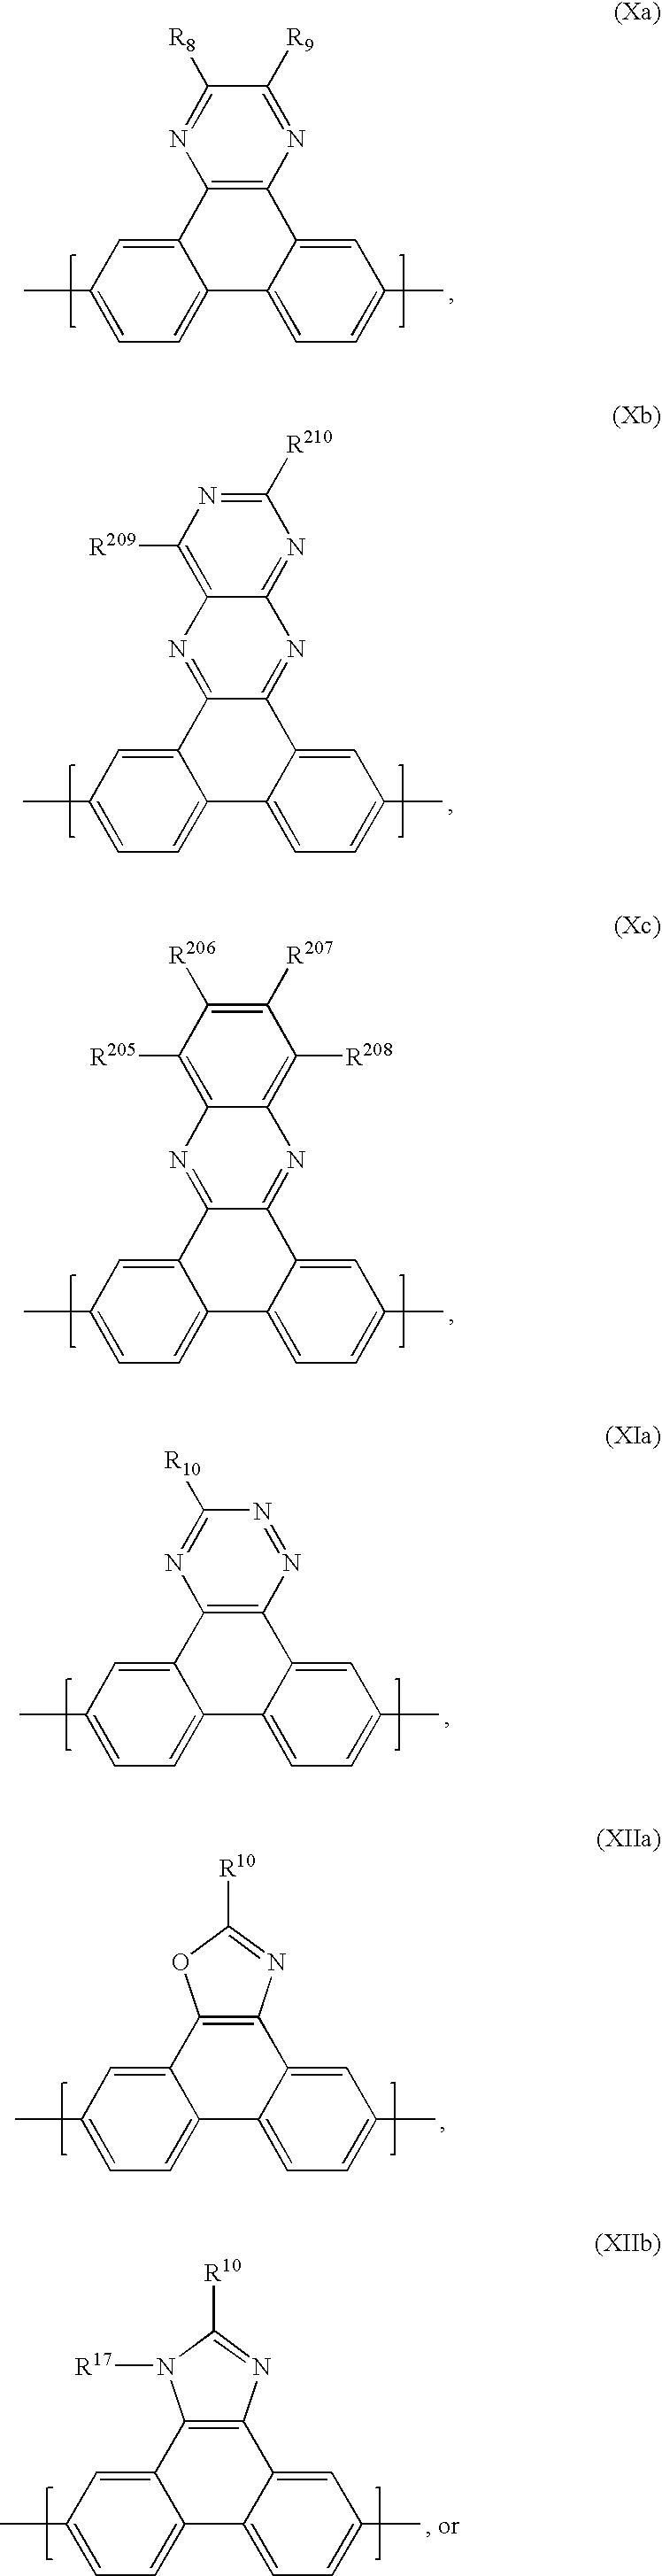 Figure US20090105447A1-20090423-C00032